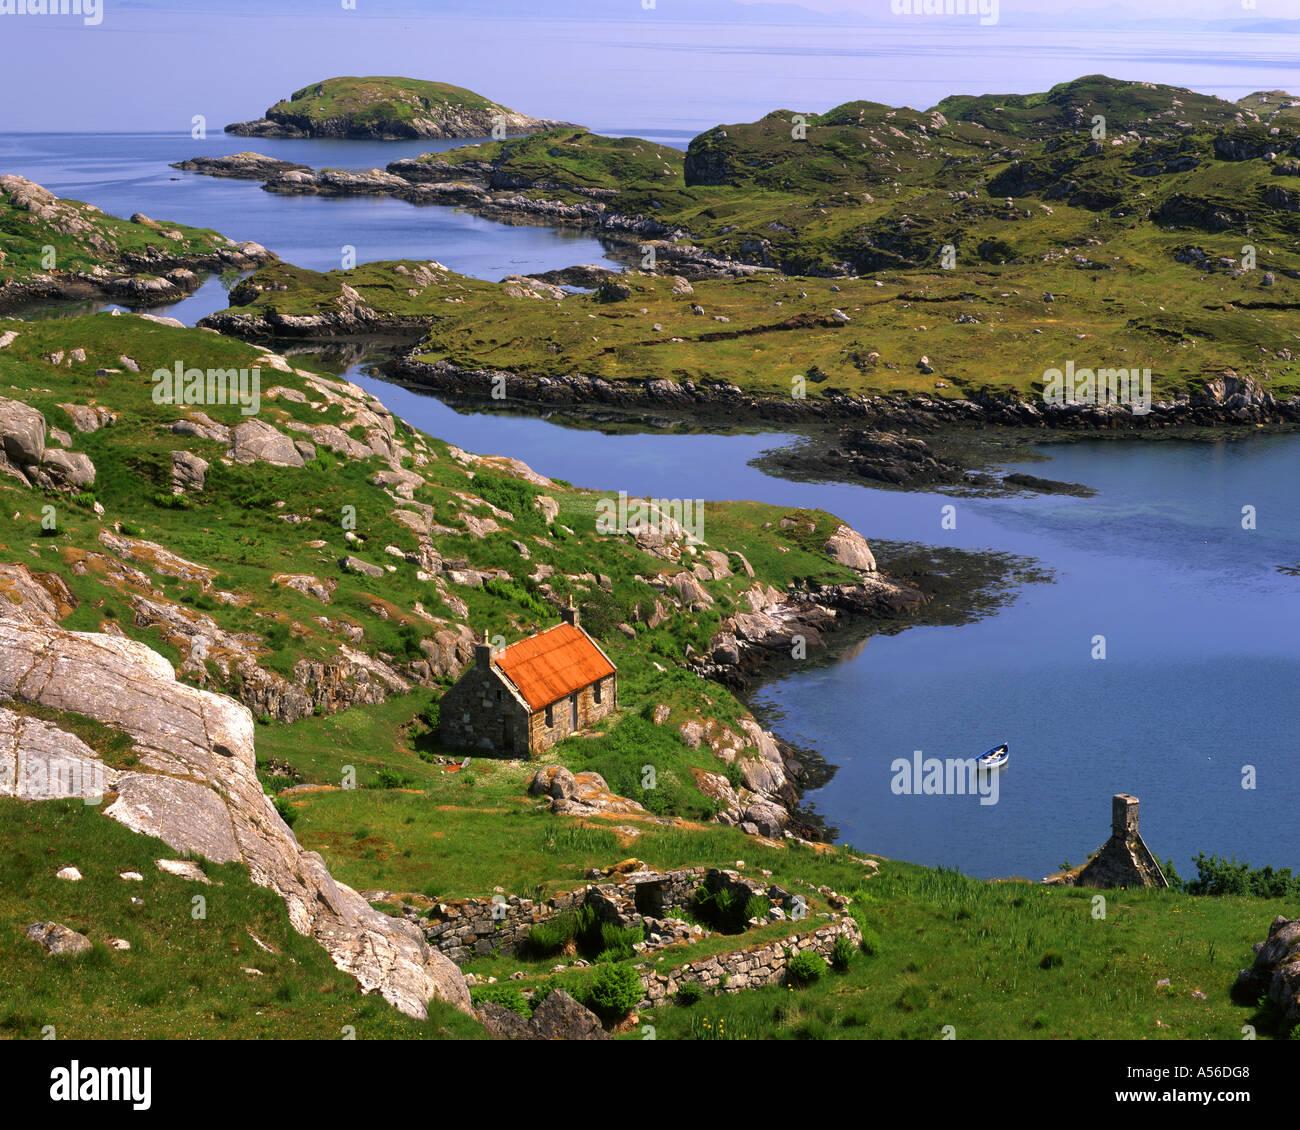 GB - Escocia: Loch Geocrab en la isla de Harris Foto de stock